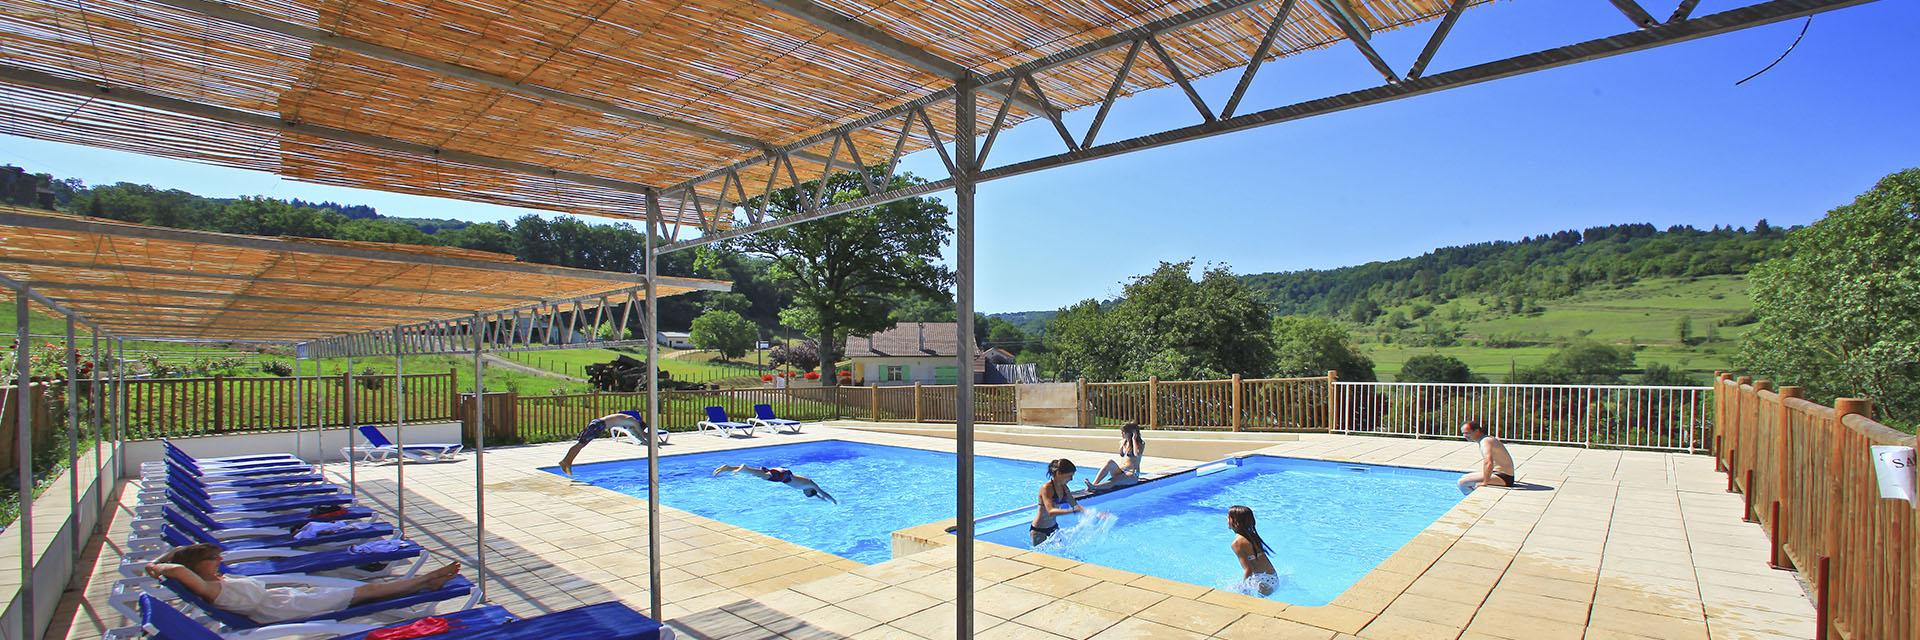 village-vacance-terrou-piscine